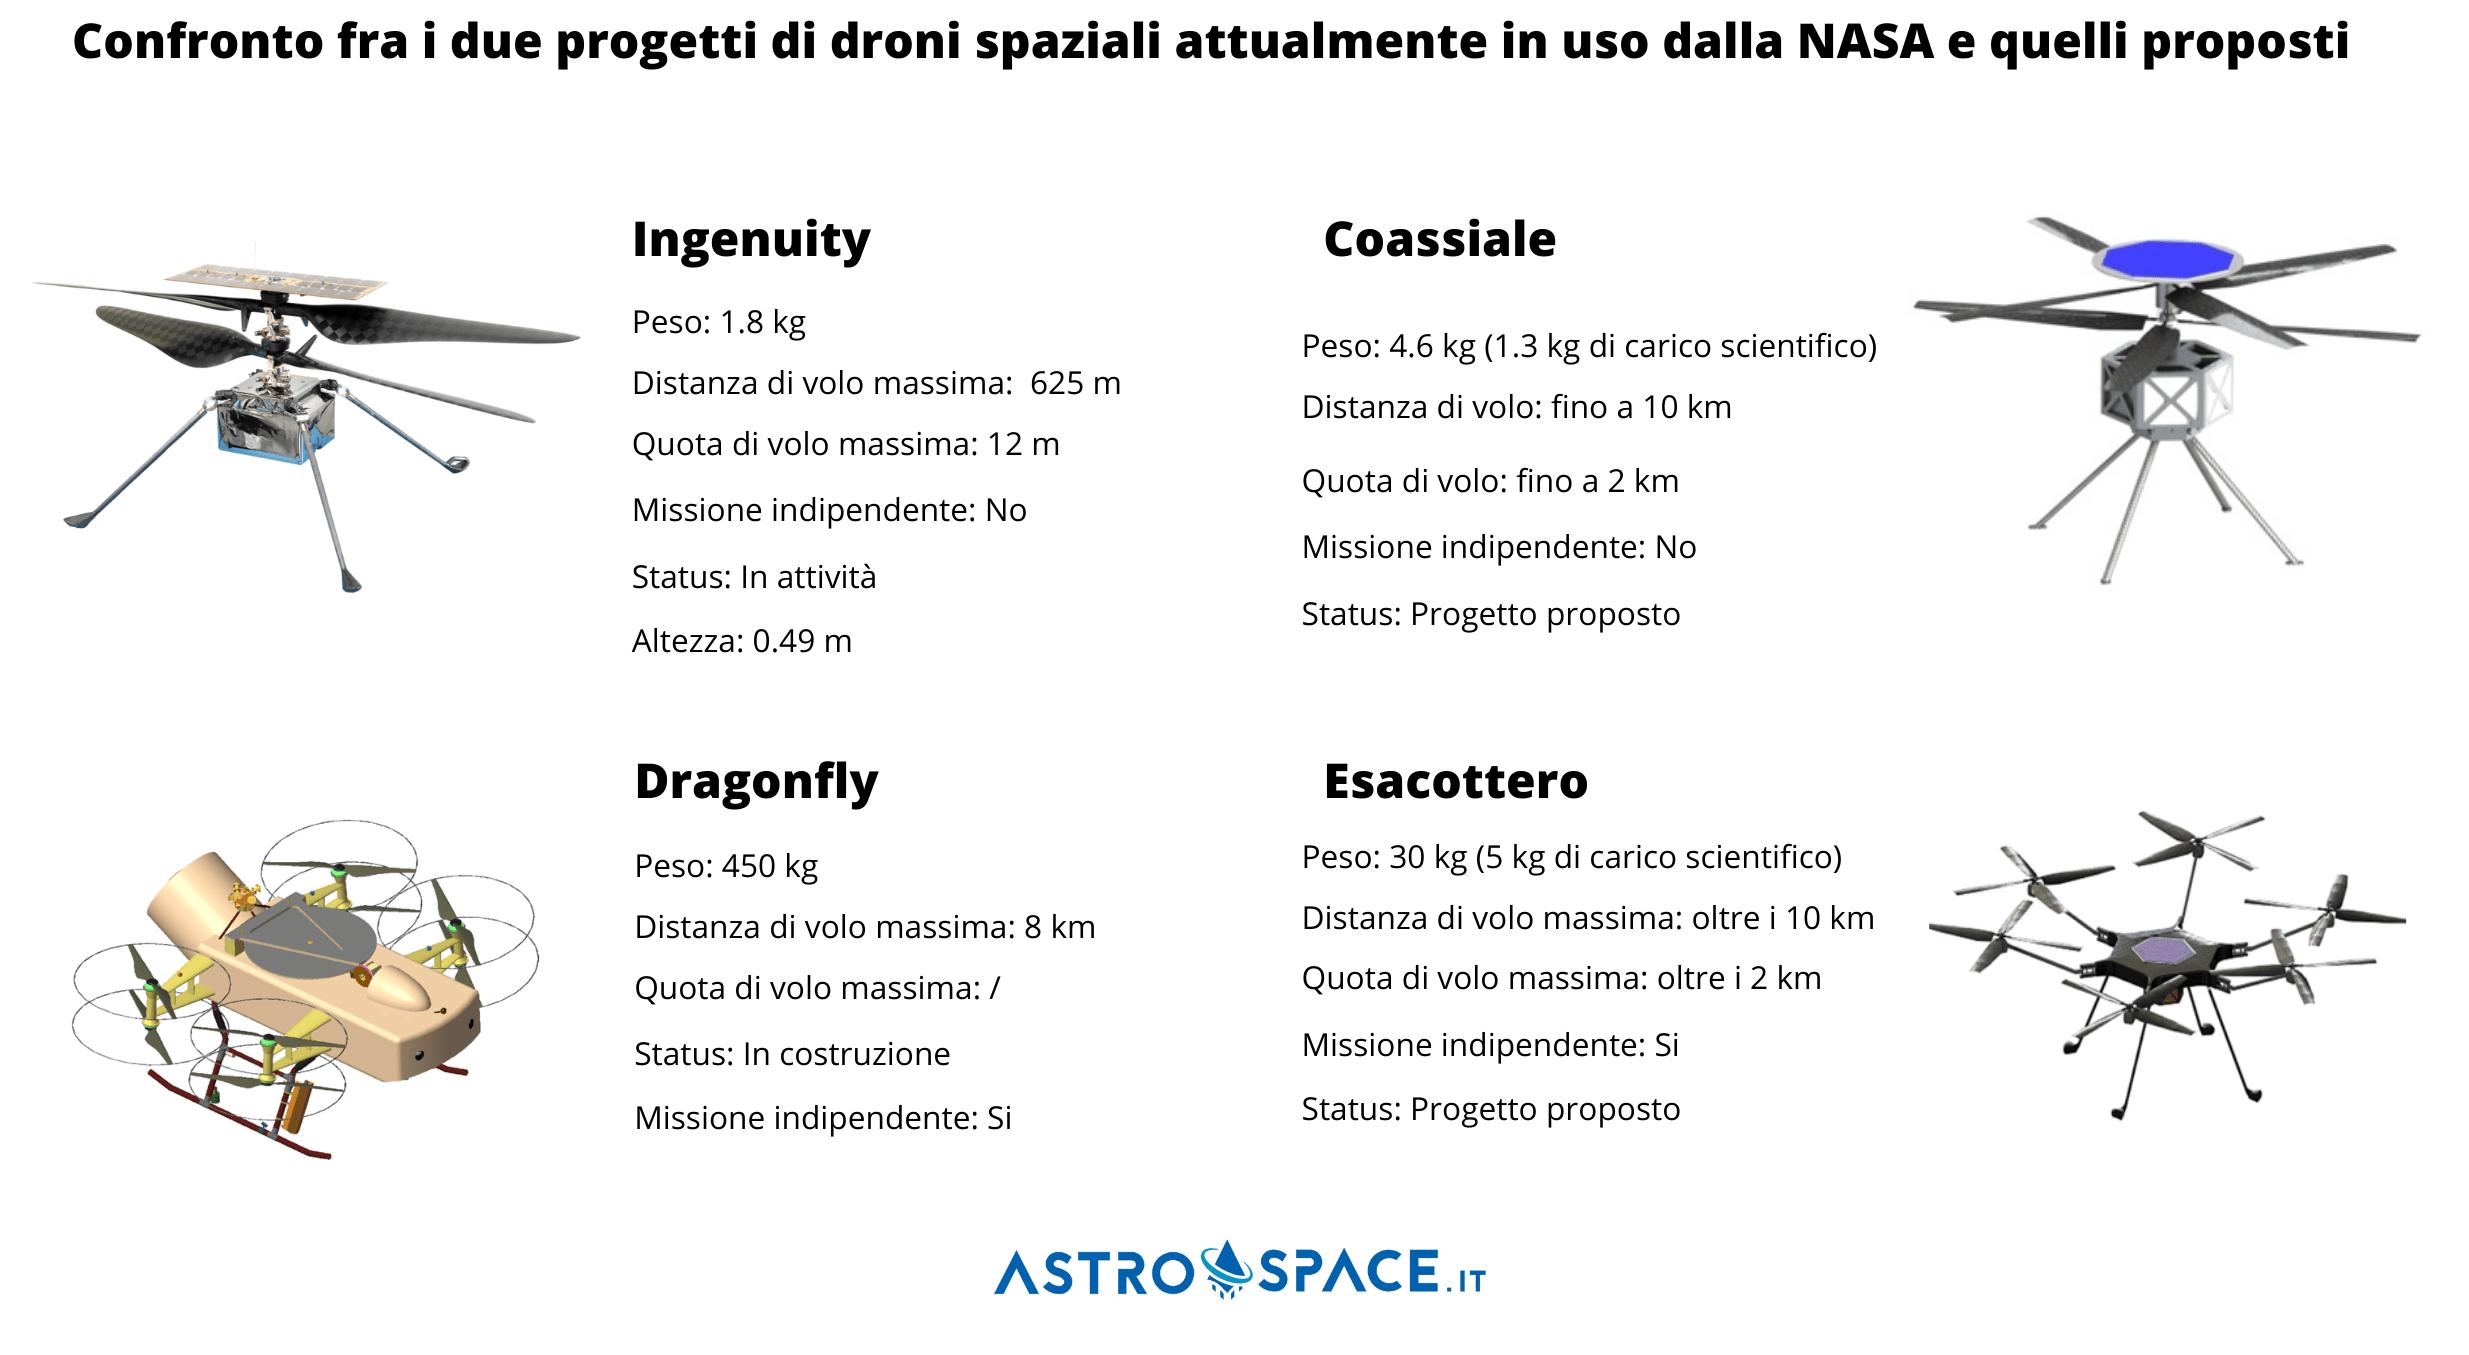 Confronto fra i progetti di droni attualmente in uso e sviluppo dalla NASA e i due nuovi progetti proposti. Credits: Astrospace.it